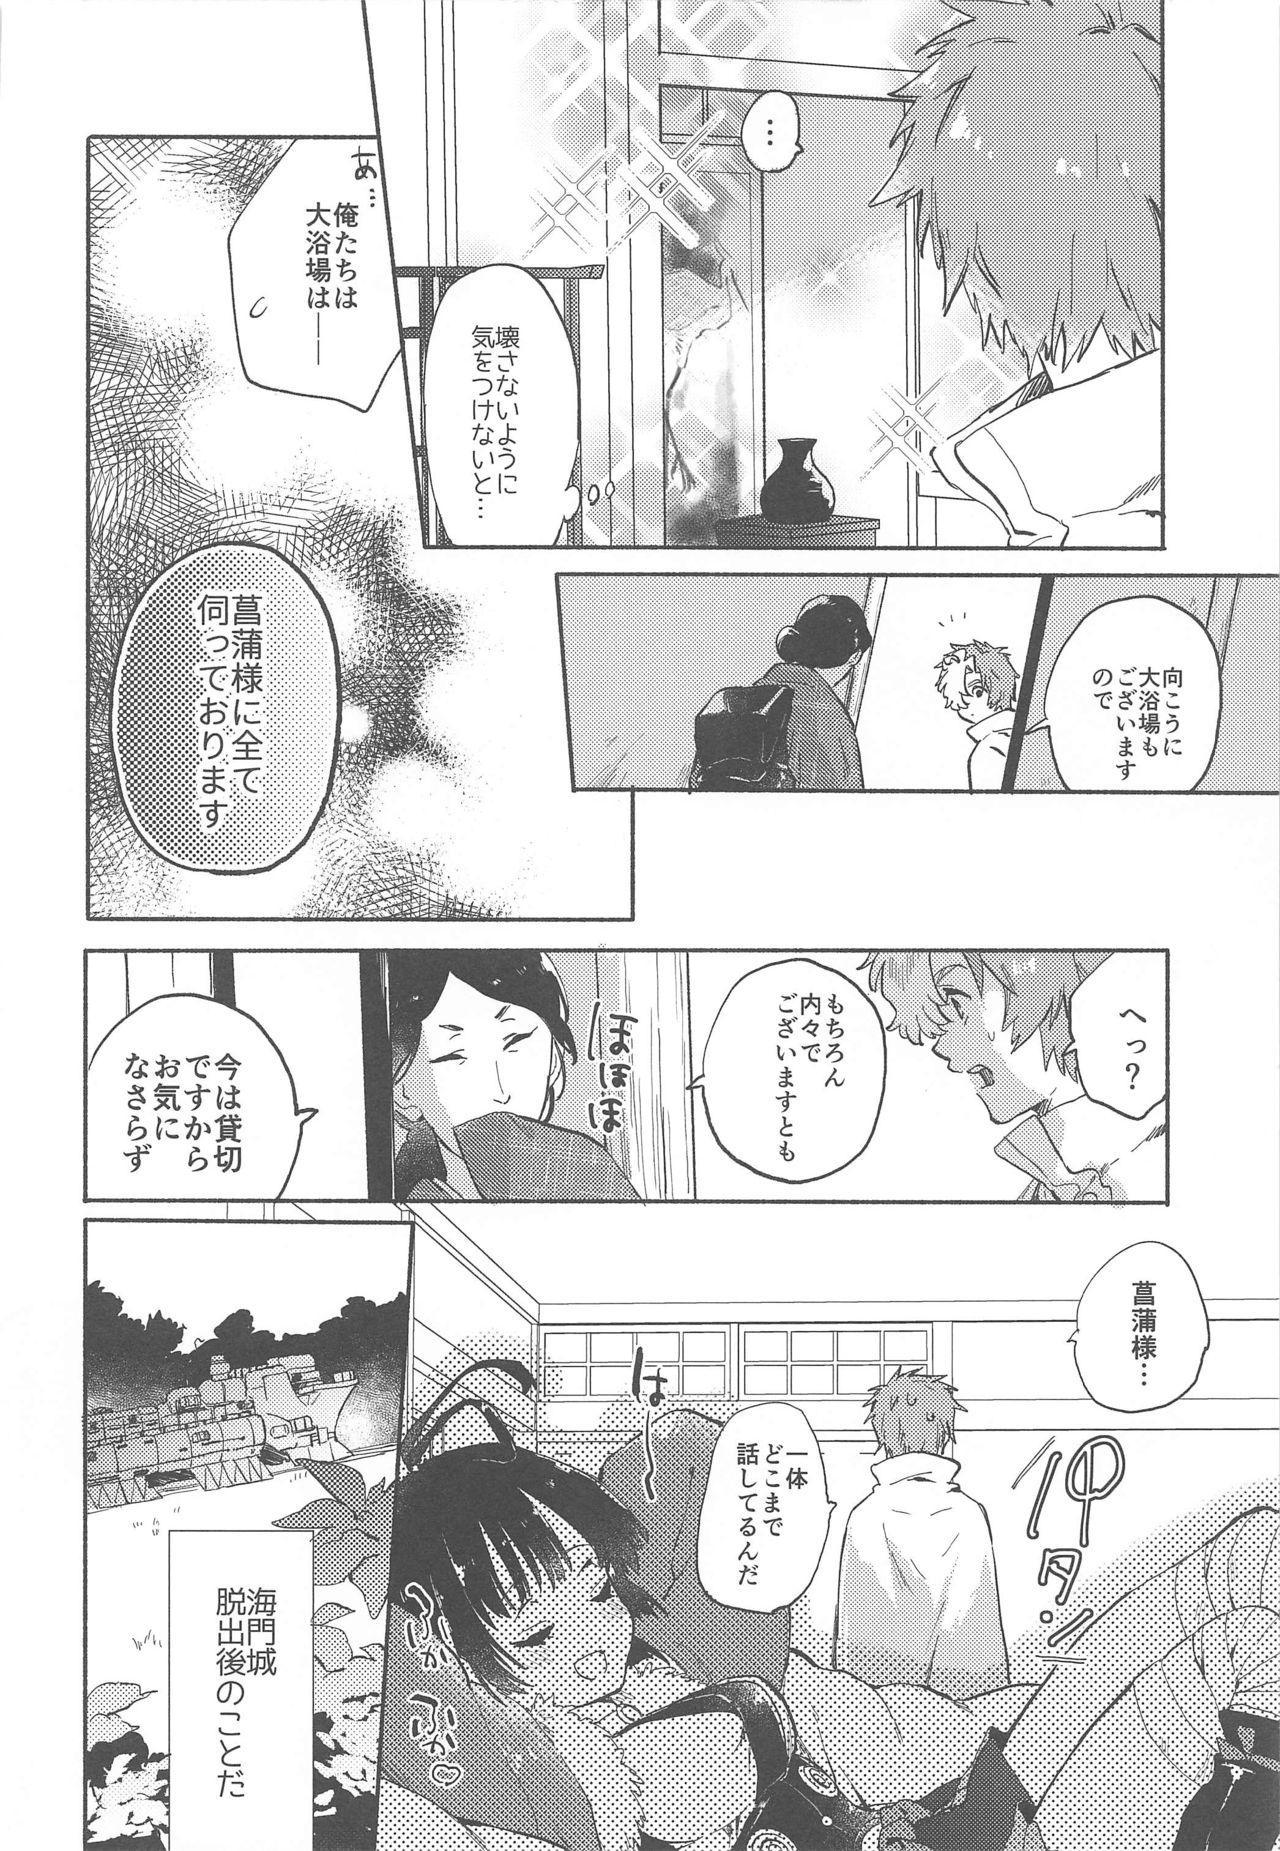 Unato Yukimi Onsen Ikomume Ichaicha Ippakufutsuka no Tabi 8